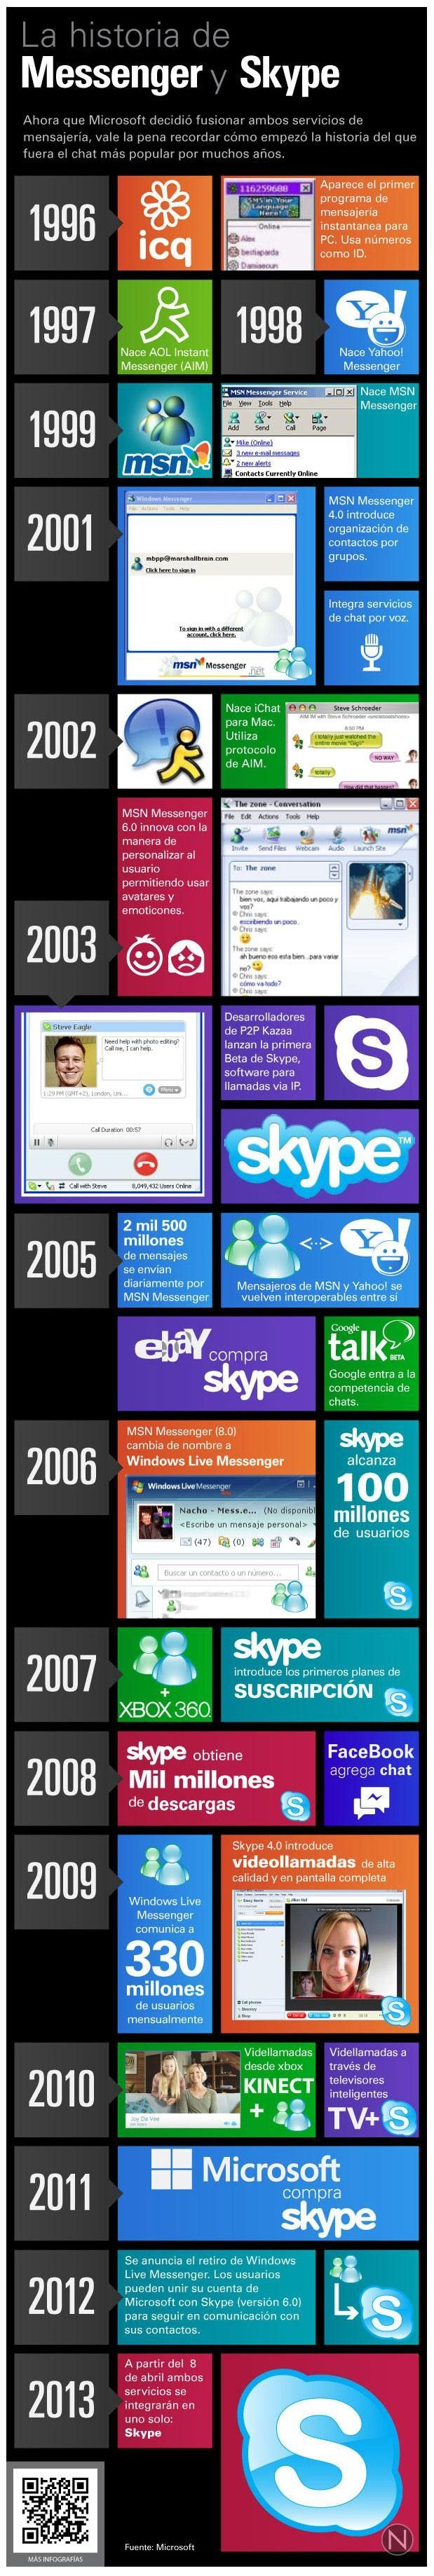 La historia de Messeger y Skype